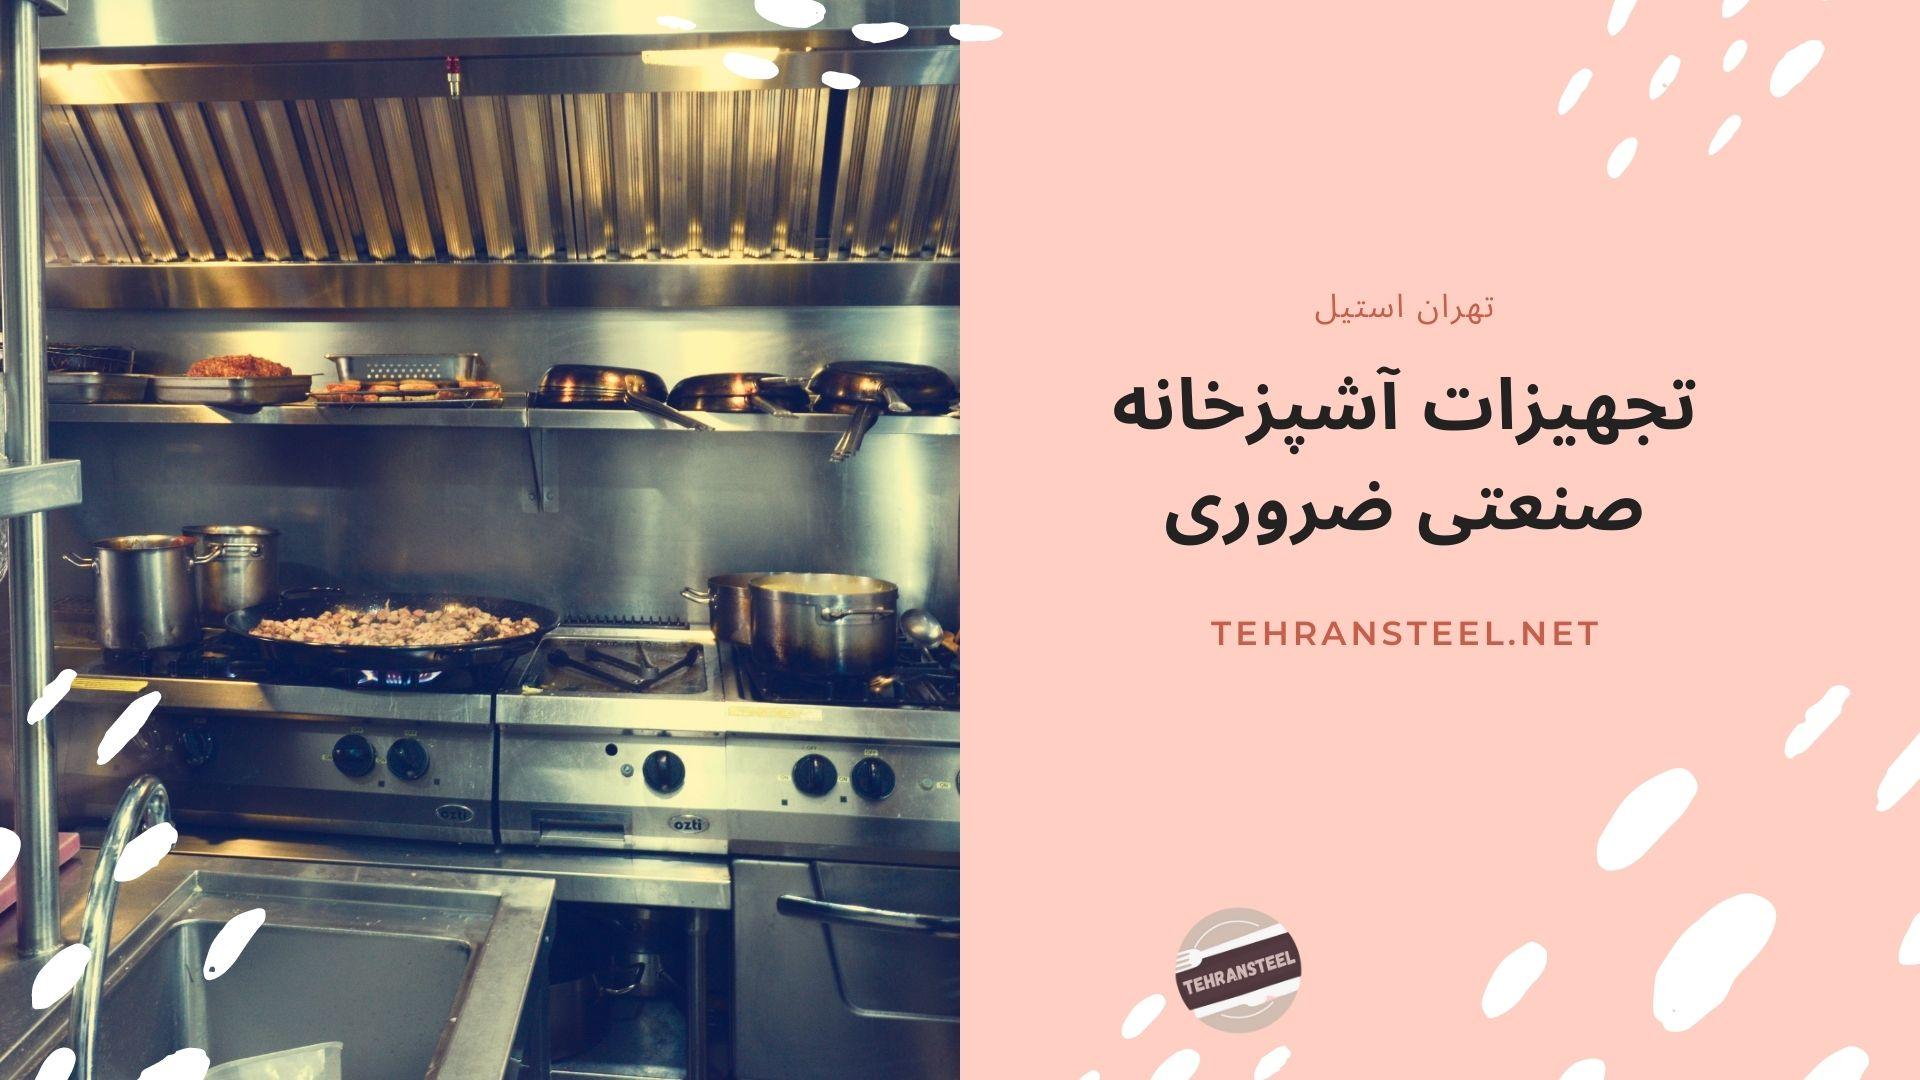 تجهیزات آشپزخانه صنعتی ضروری